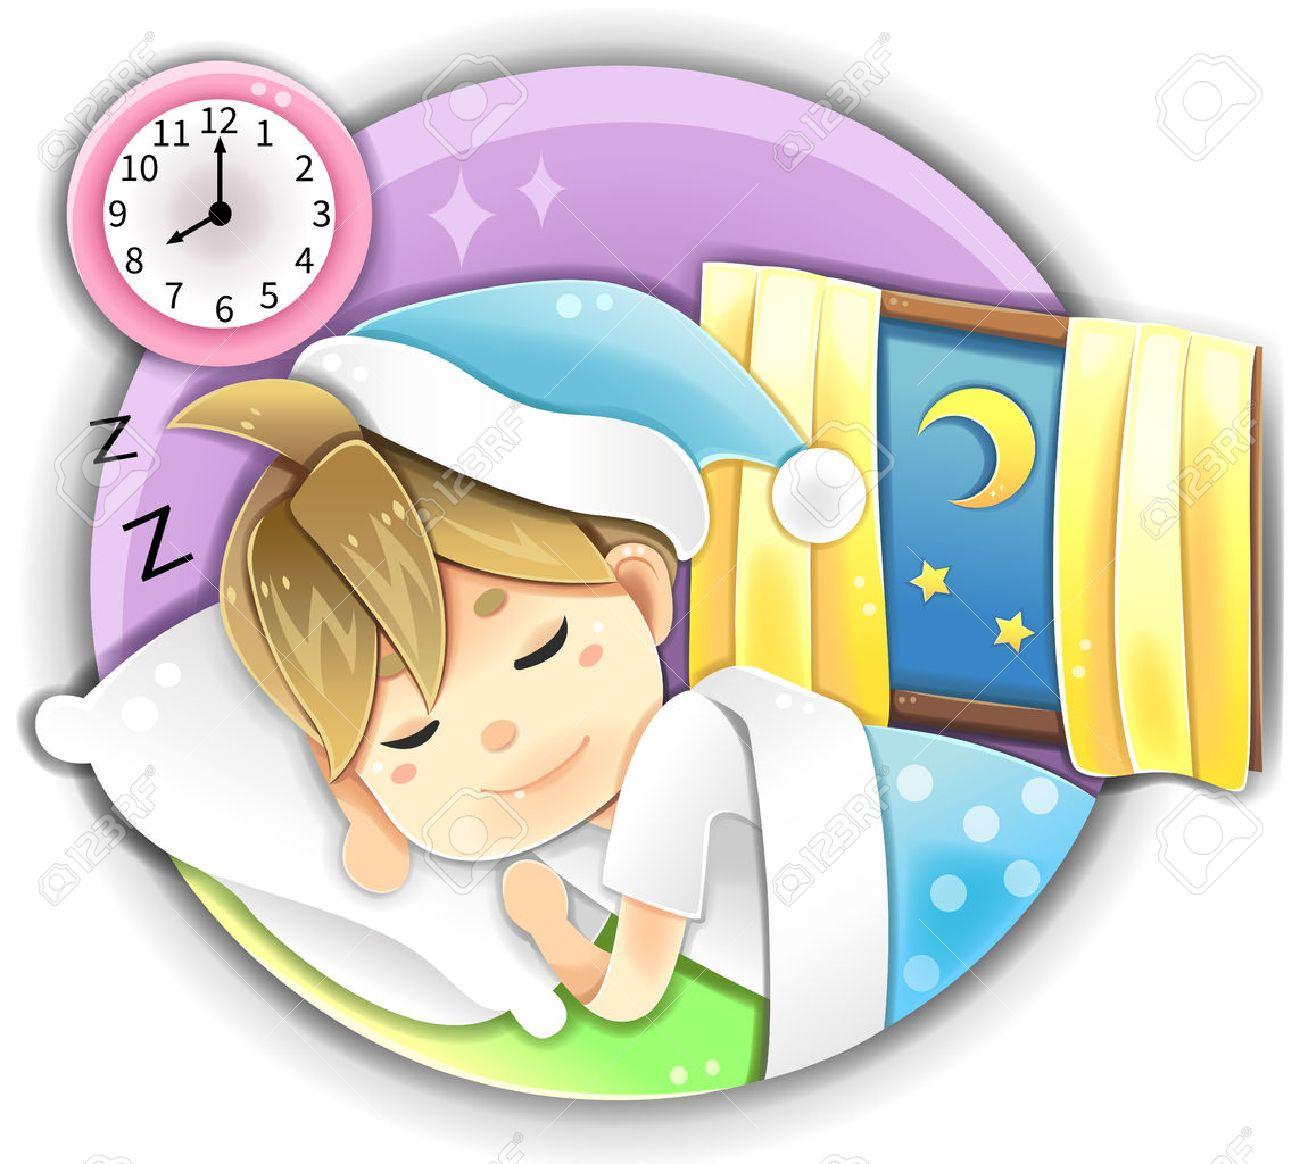 Sehr Ausfuhrlich Illustration Cartoon Mannlichen Charakter Pyjama